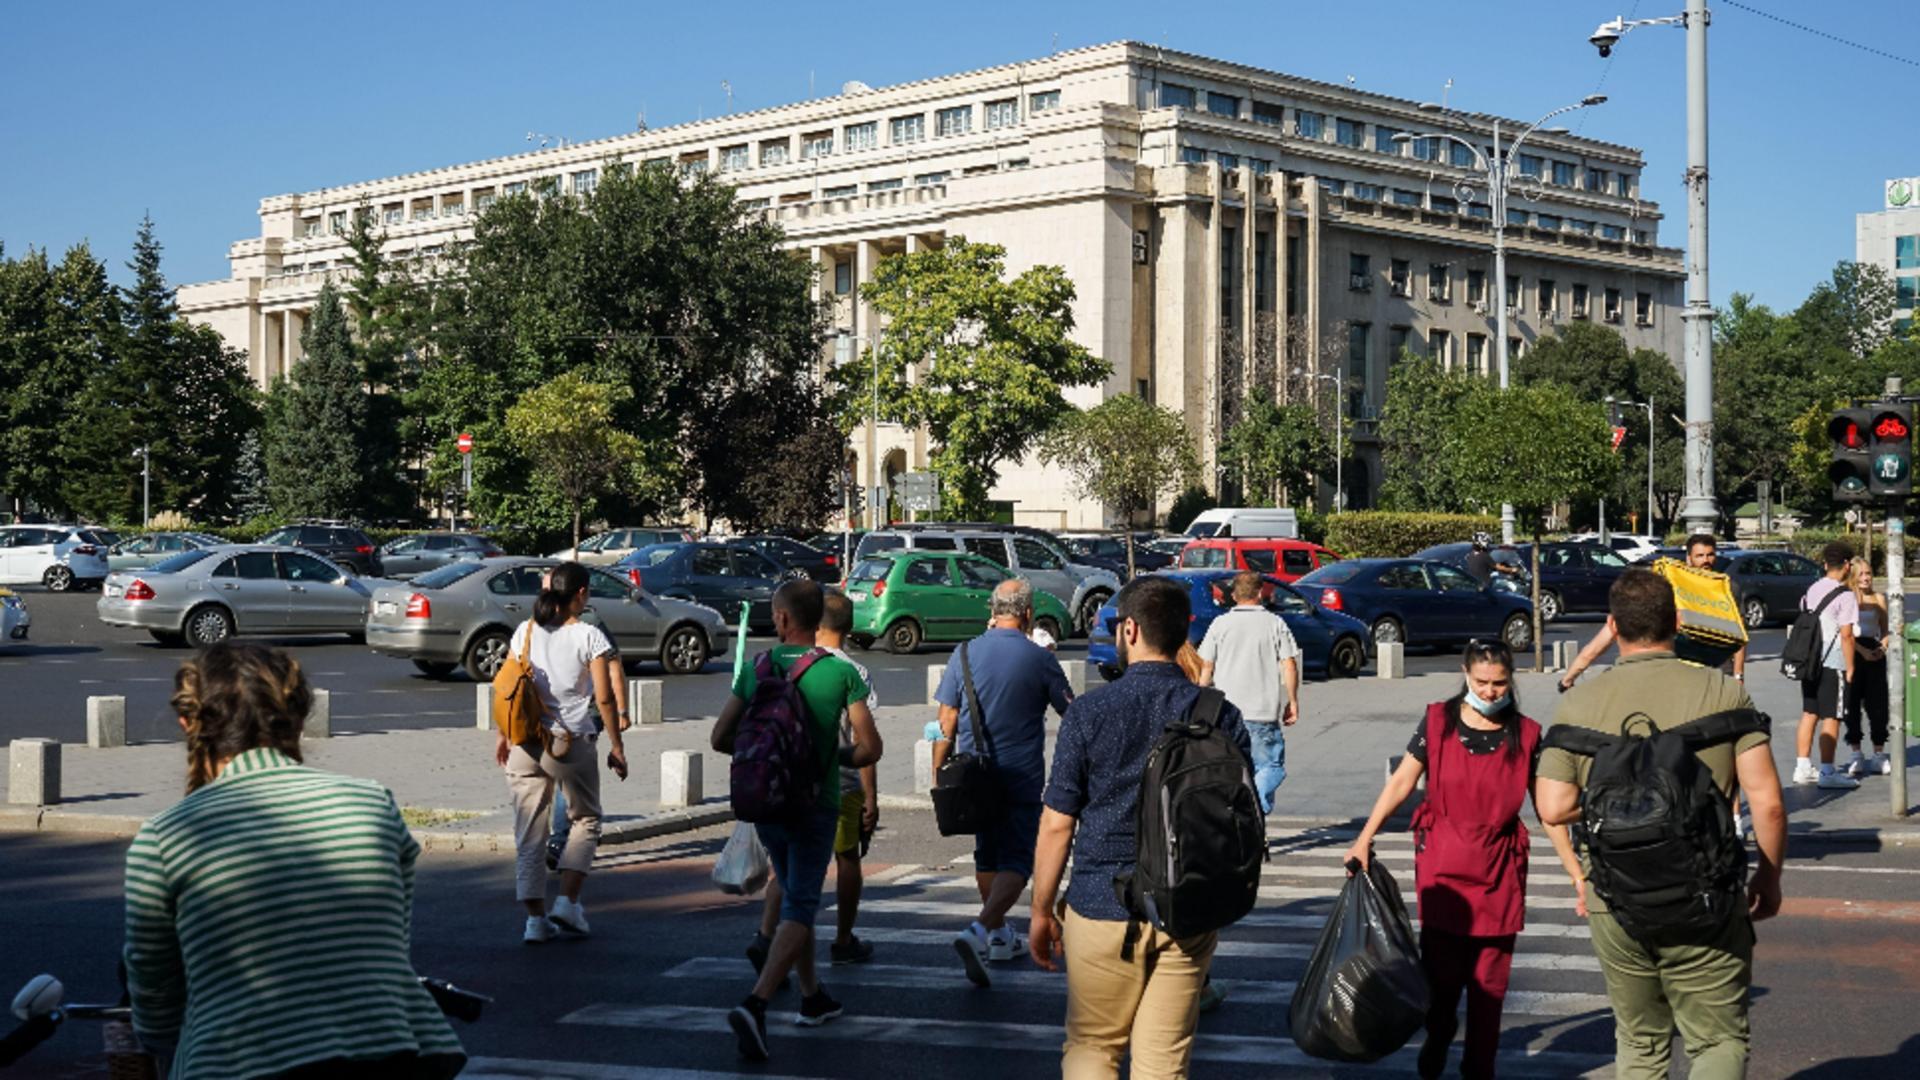 Prefectul Ilfovului: Deocamdată nu putem să luăm măsuri comune pentru Capitală și localitățile din jur. FOTO: Profi Media